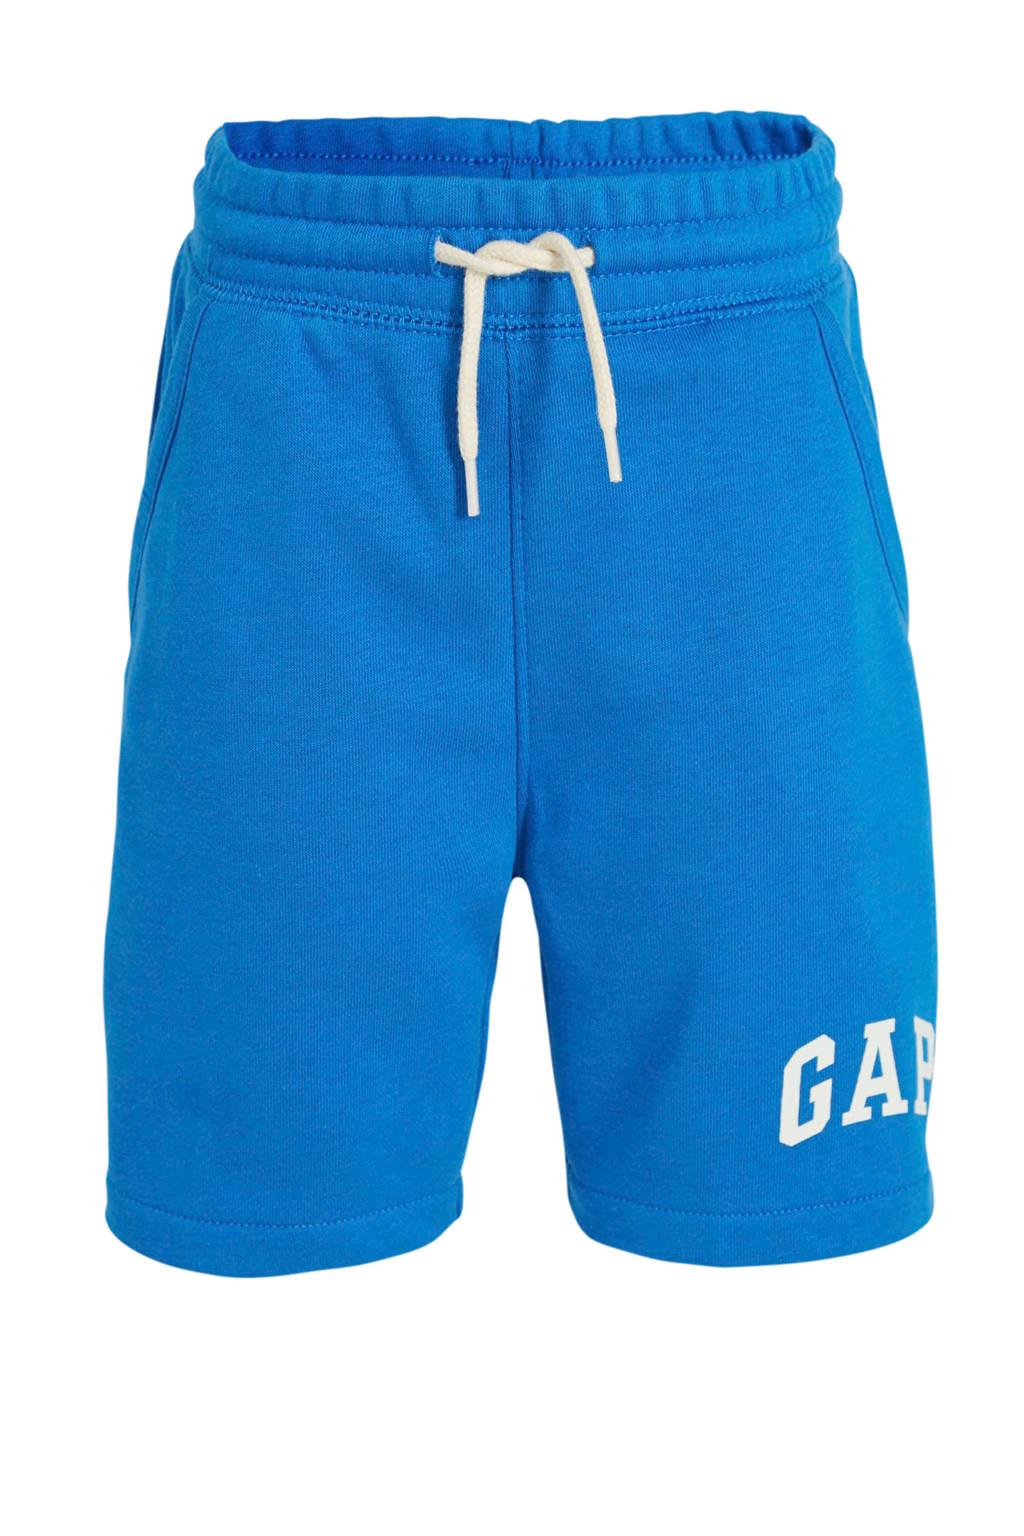 GAP sweatshort met logo blauw, Blauw